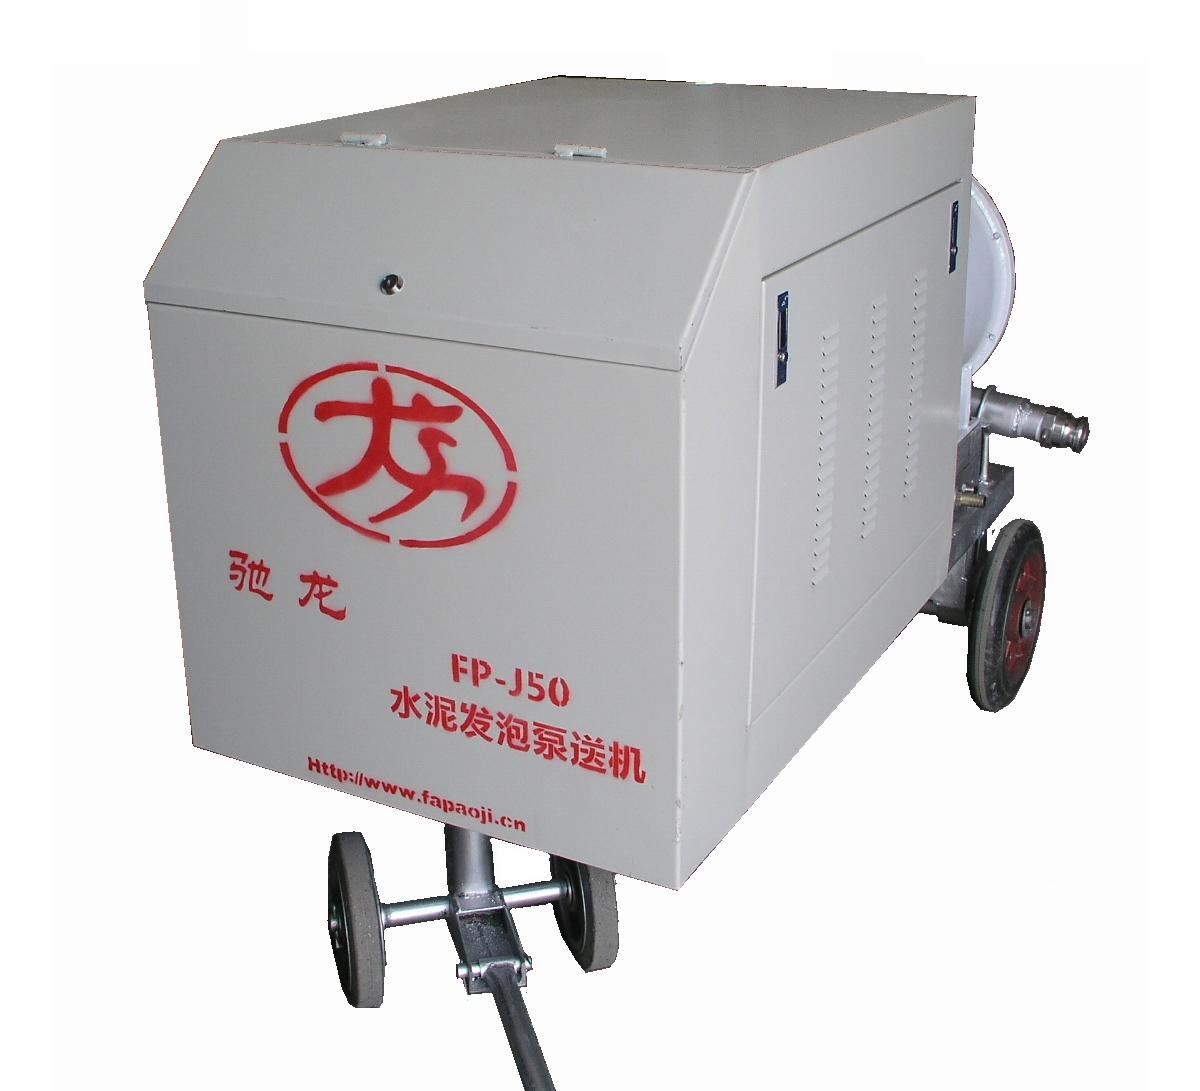 水泥发泡机220v FP- J50